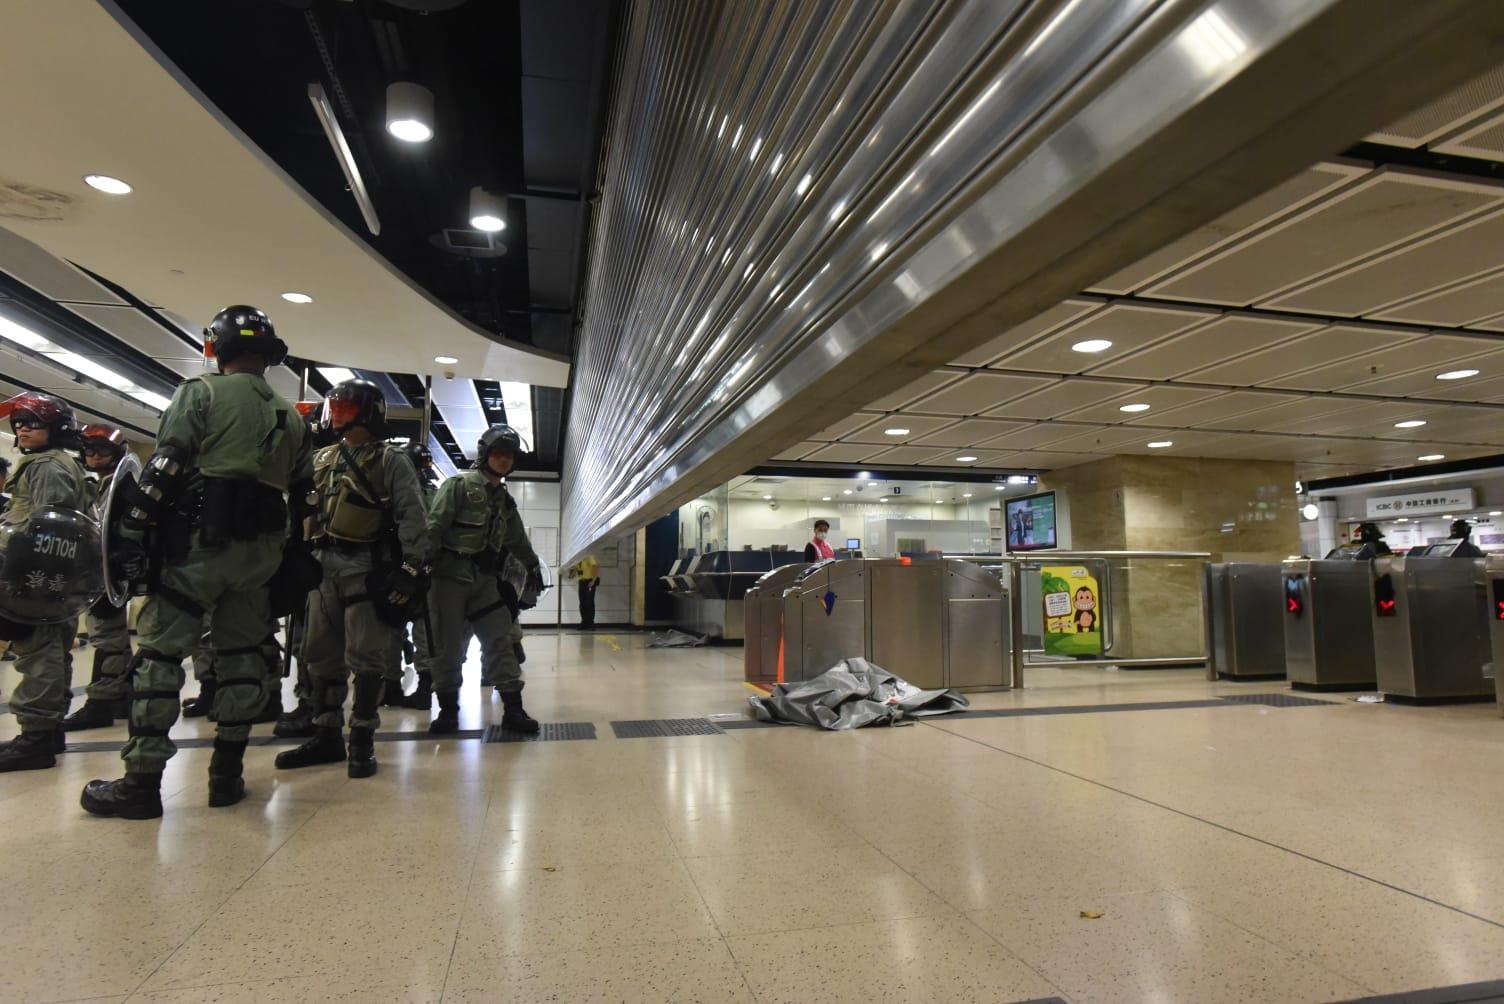 【修例風波】沙田報案室服務恢復正常 警方相應武力驅散示威者